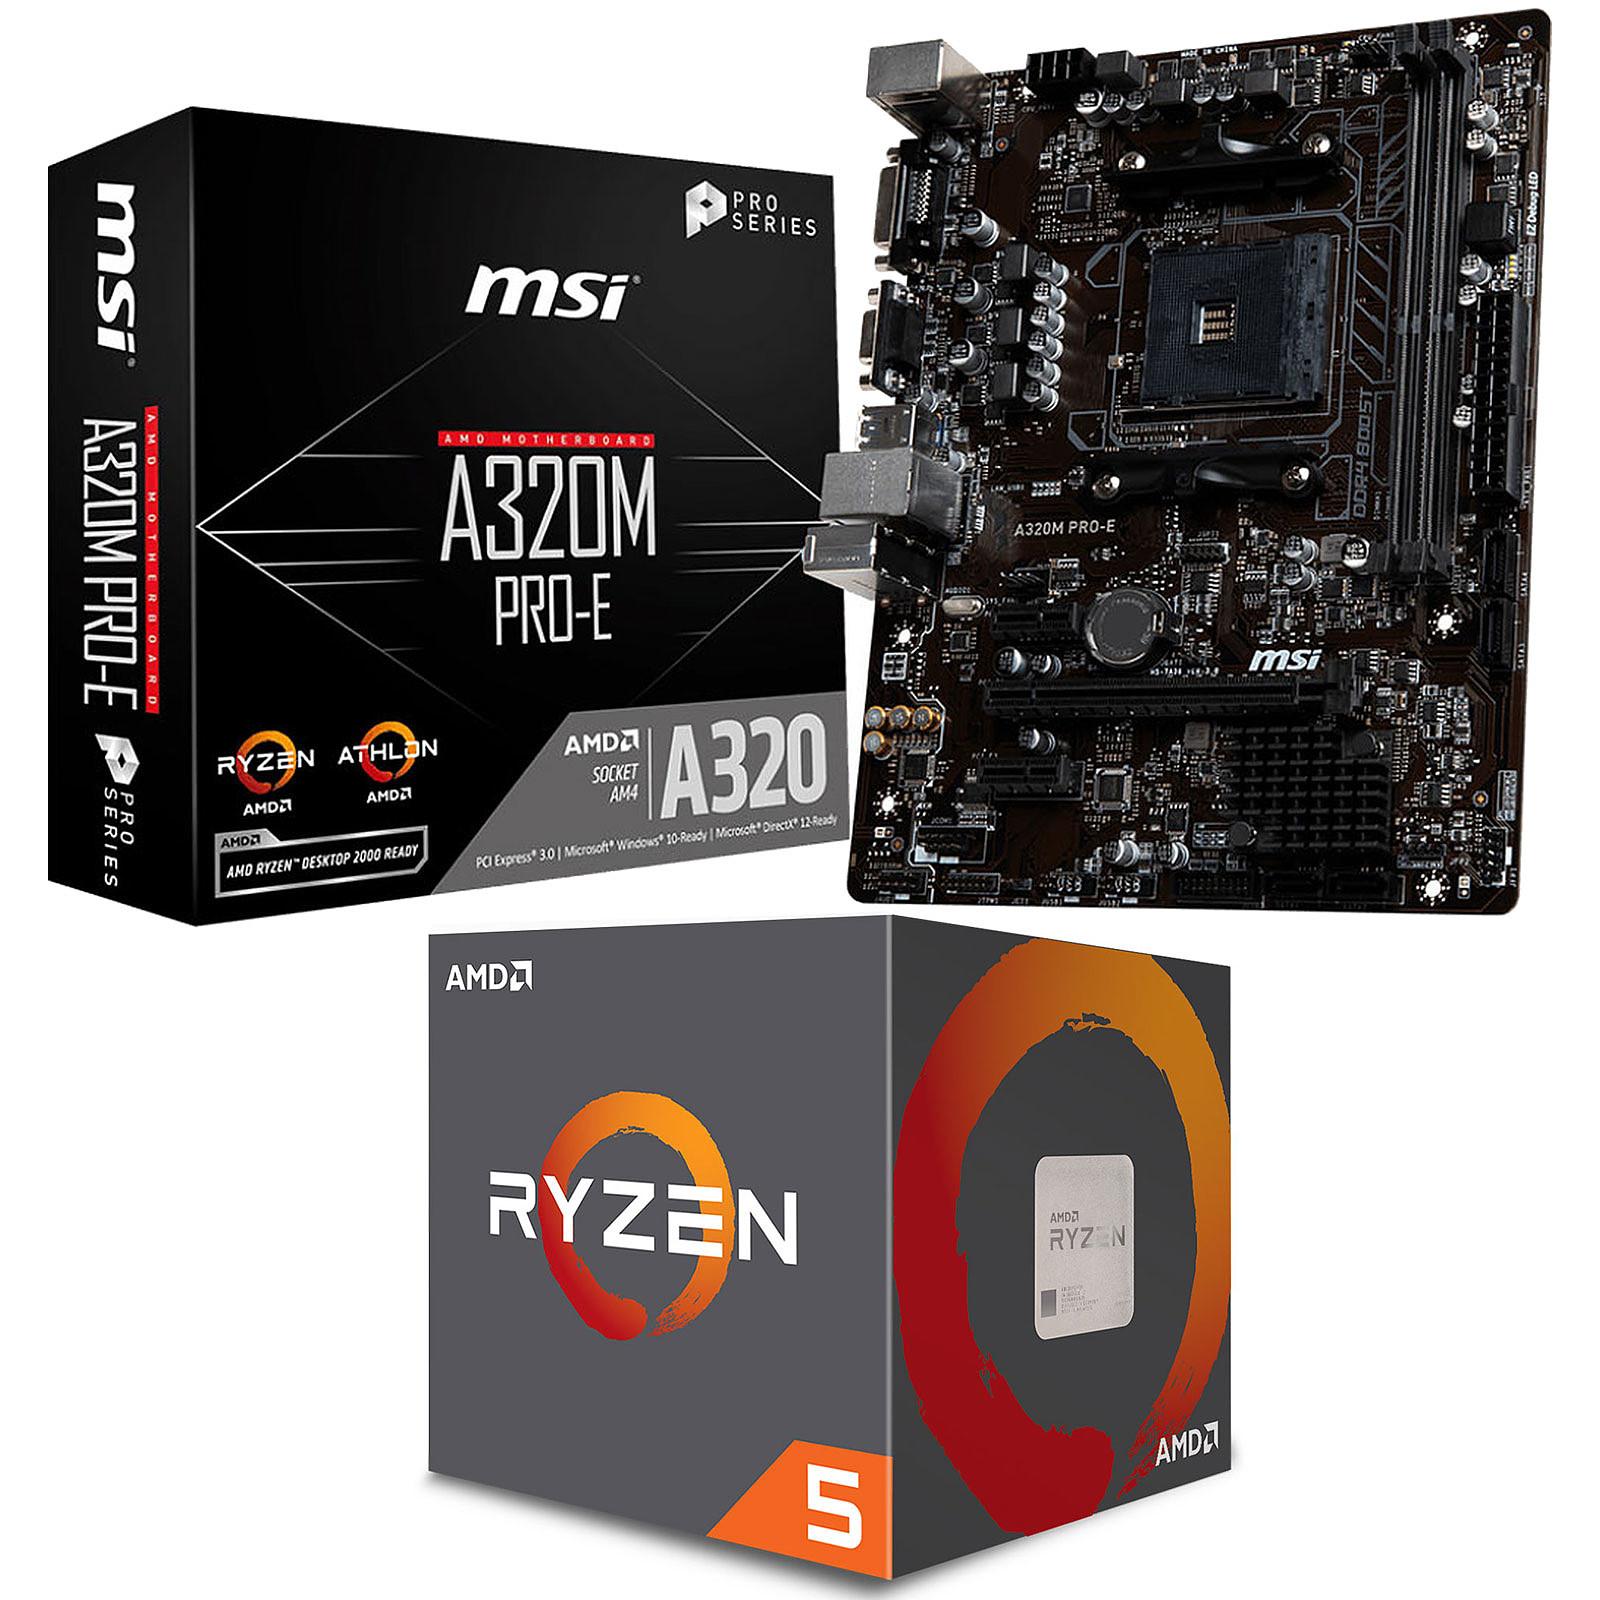 Kit Upgrade PC AMD Ryzen 5 2600 MSI A320M PRO-E